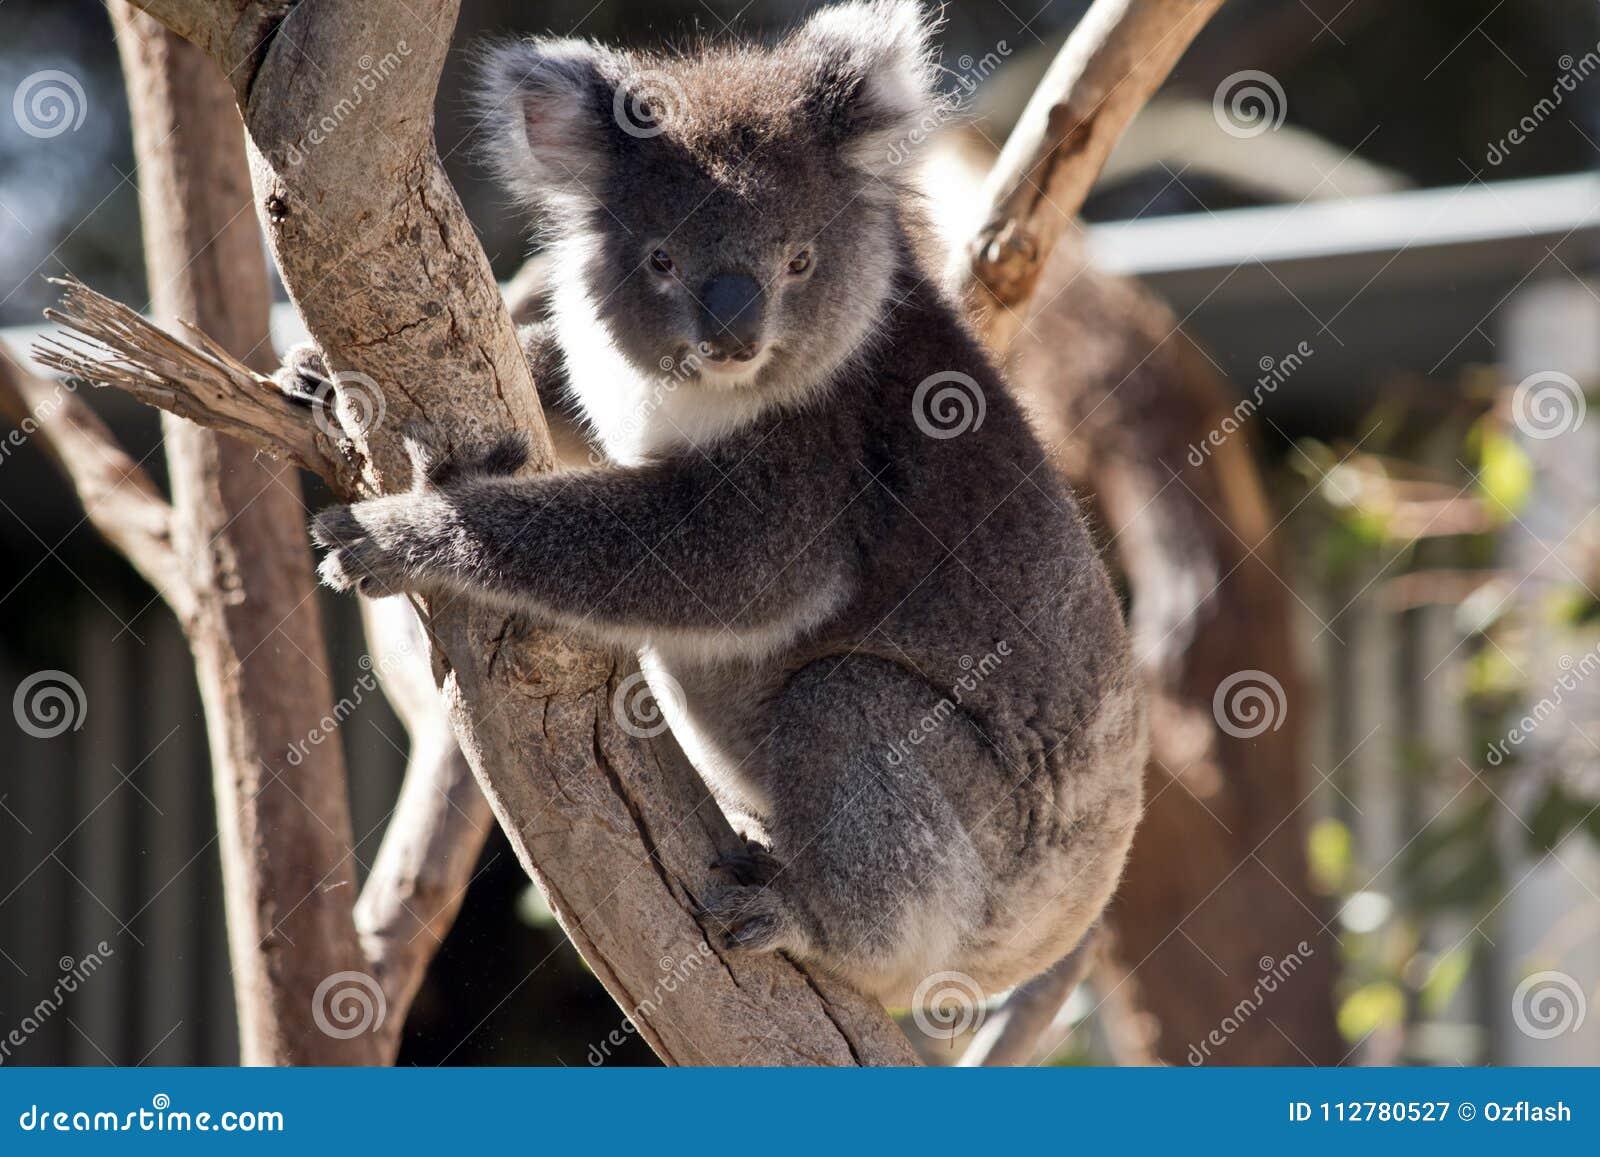 Camiseta ascendente de la koala